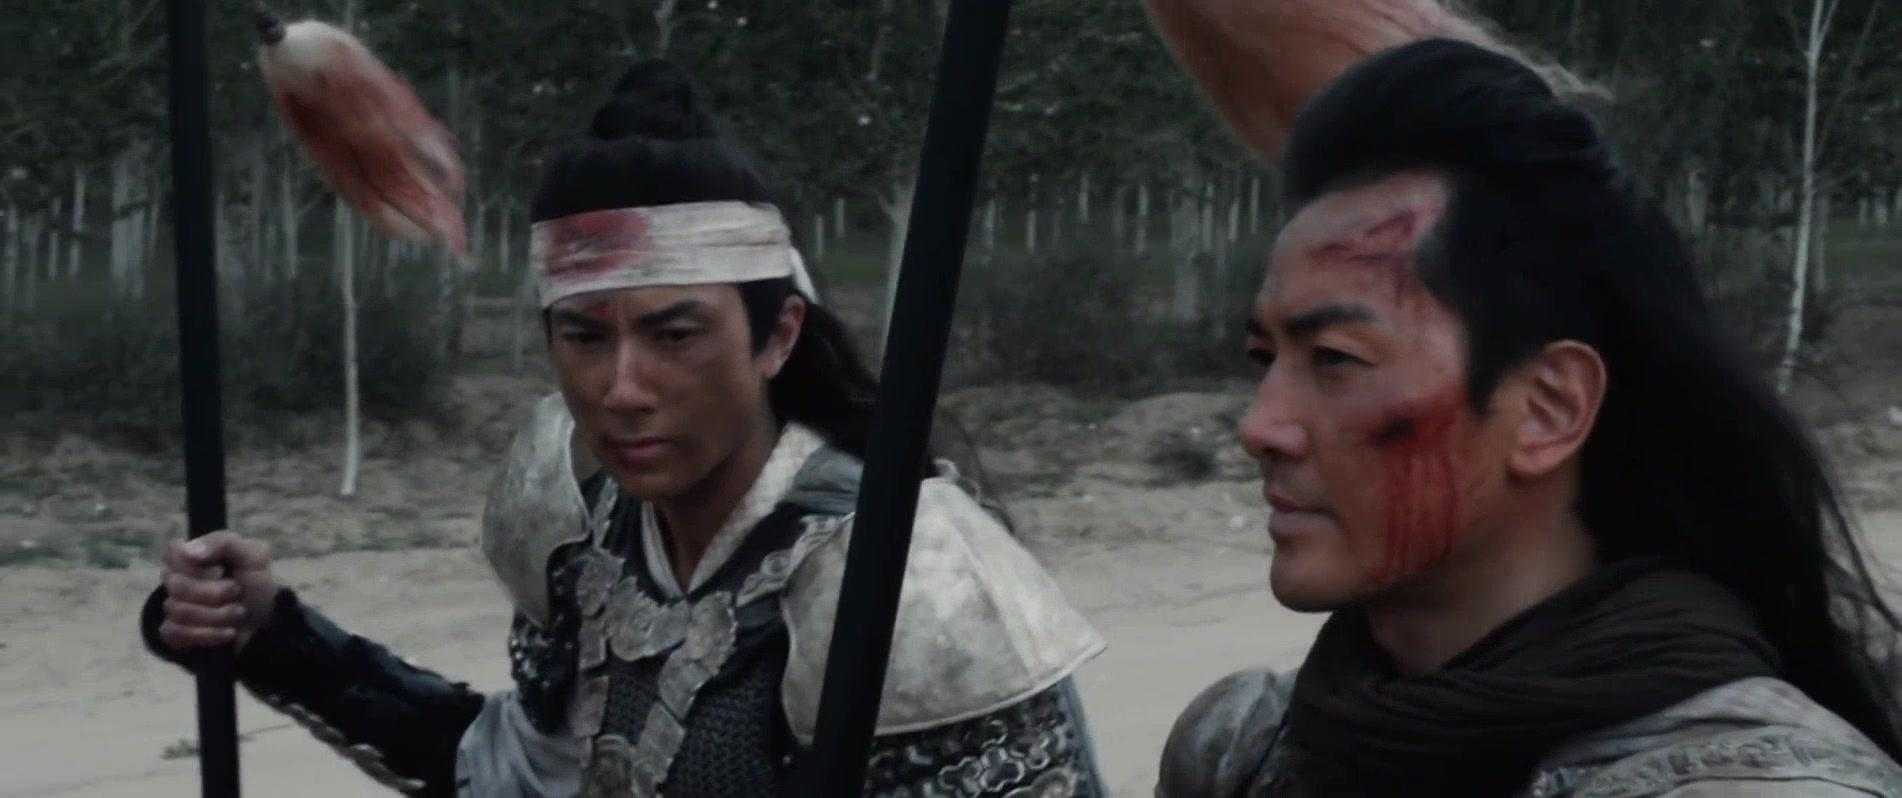 忠烈杨家将:男子受伤病重,无奈之下躲进庙里疗养休息